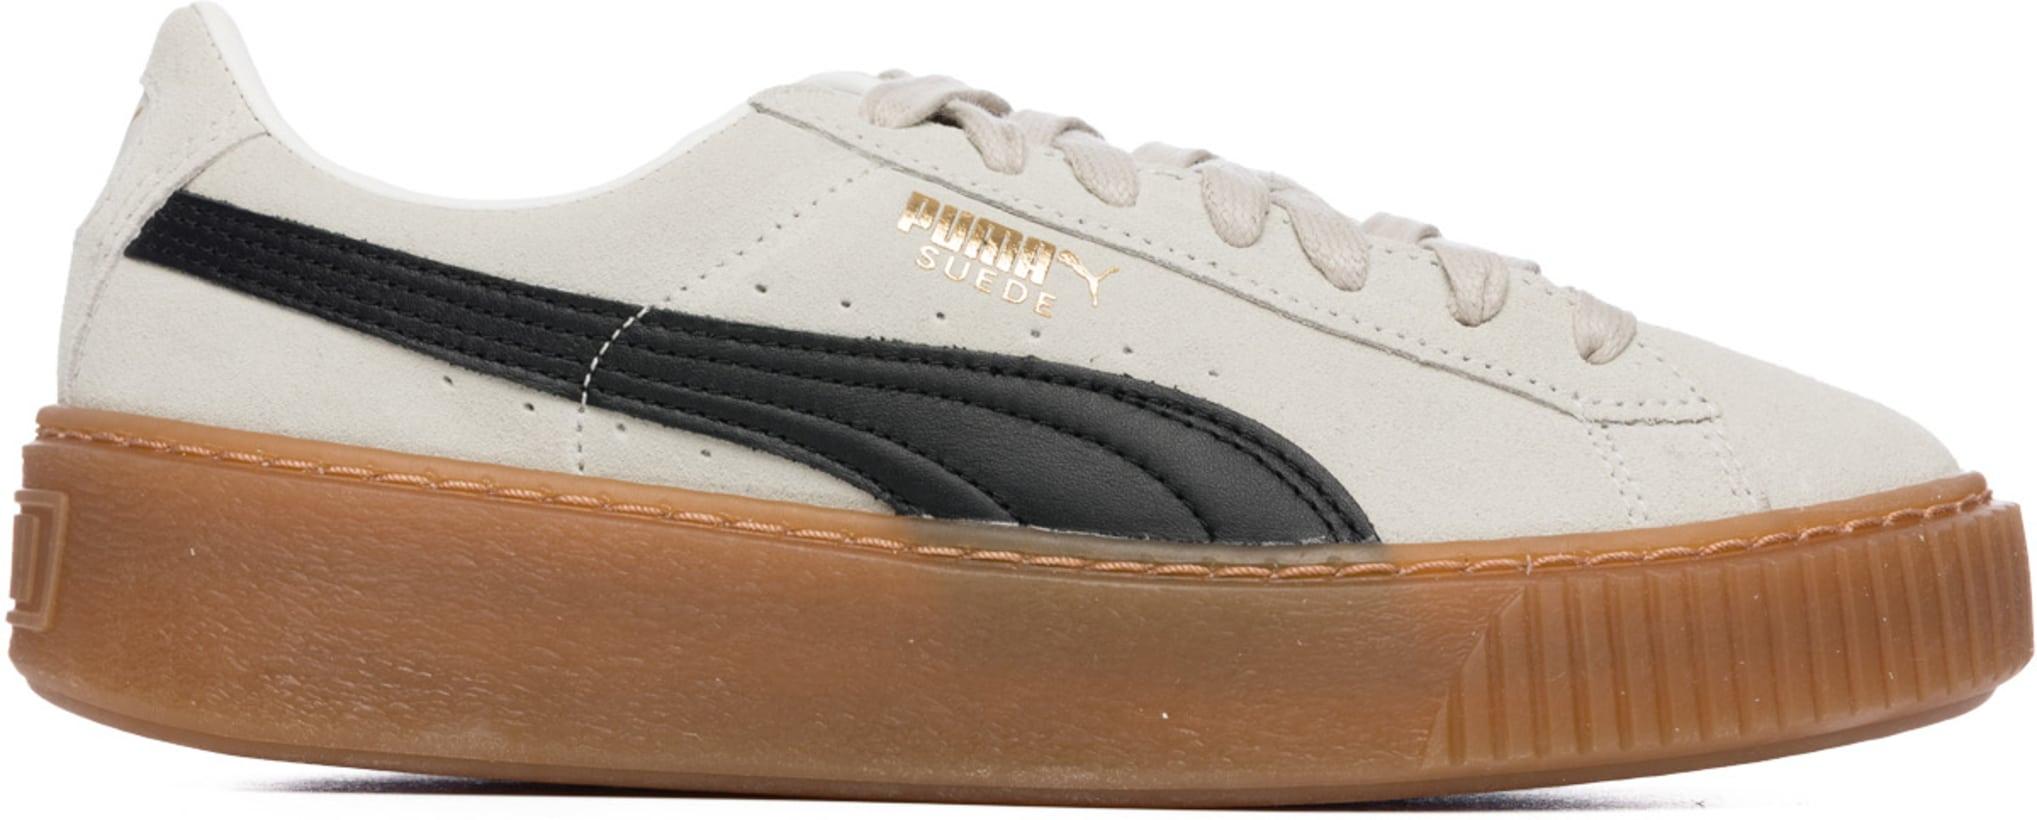 d710a3500423 Puma: Suede Platform Core - Whisper White/Puma Black   influenceu